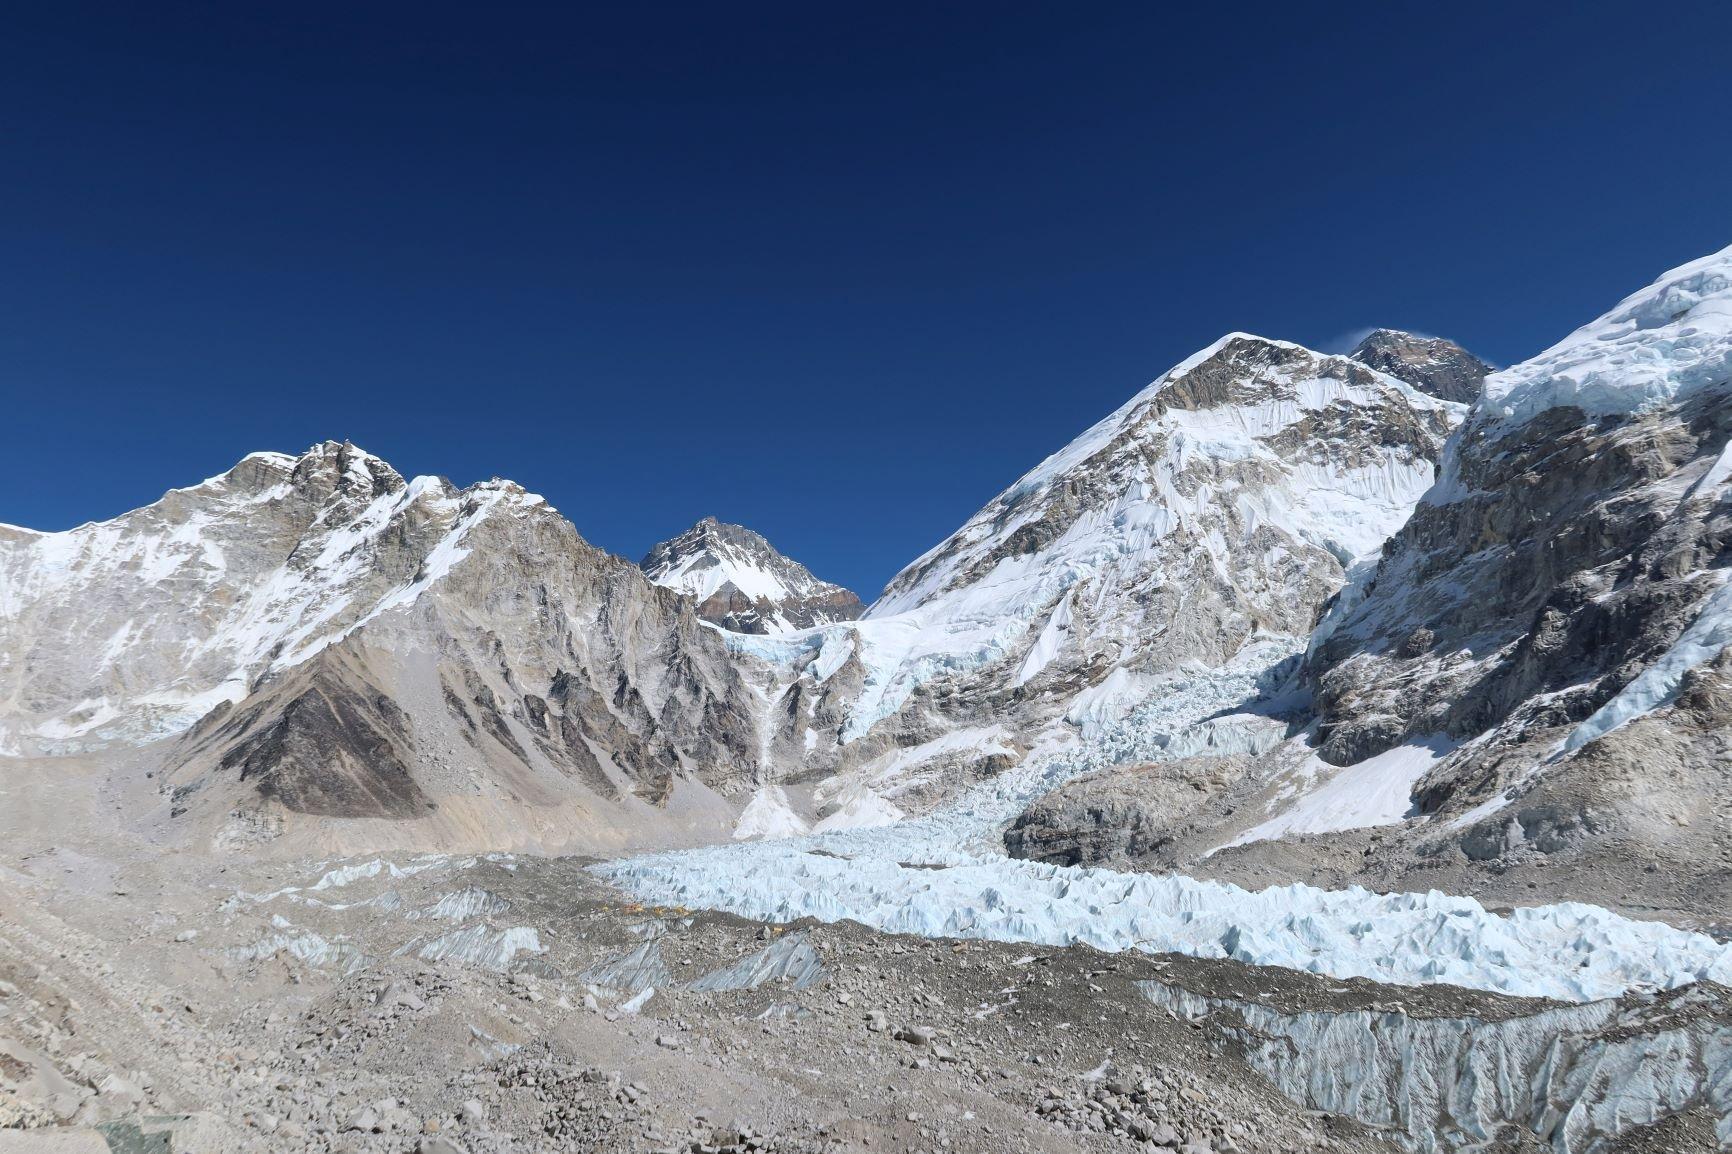 昆布冰河 - 世界海拔最高的冰河,發源自珠峰和洛子峰;登山者既愛又畏之。© Greenpeace